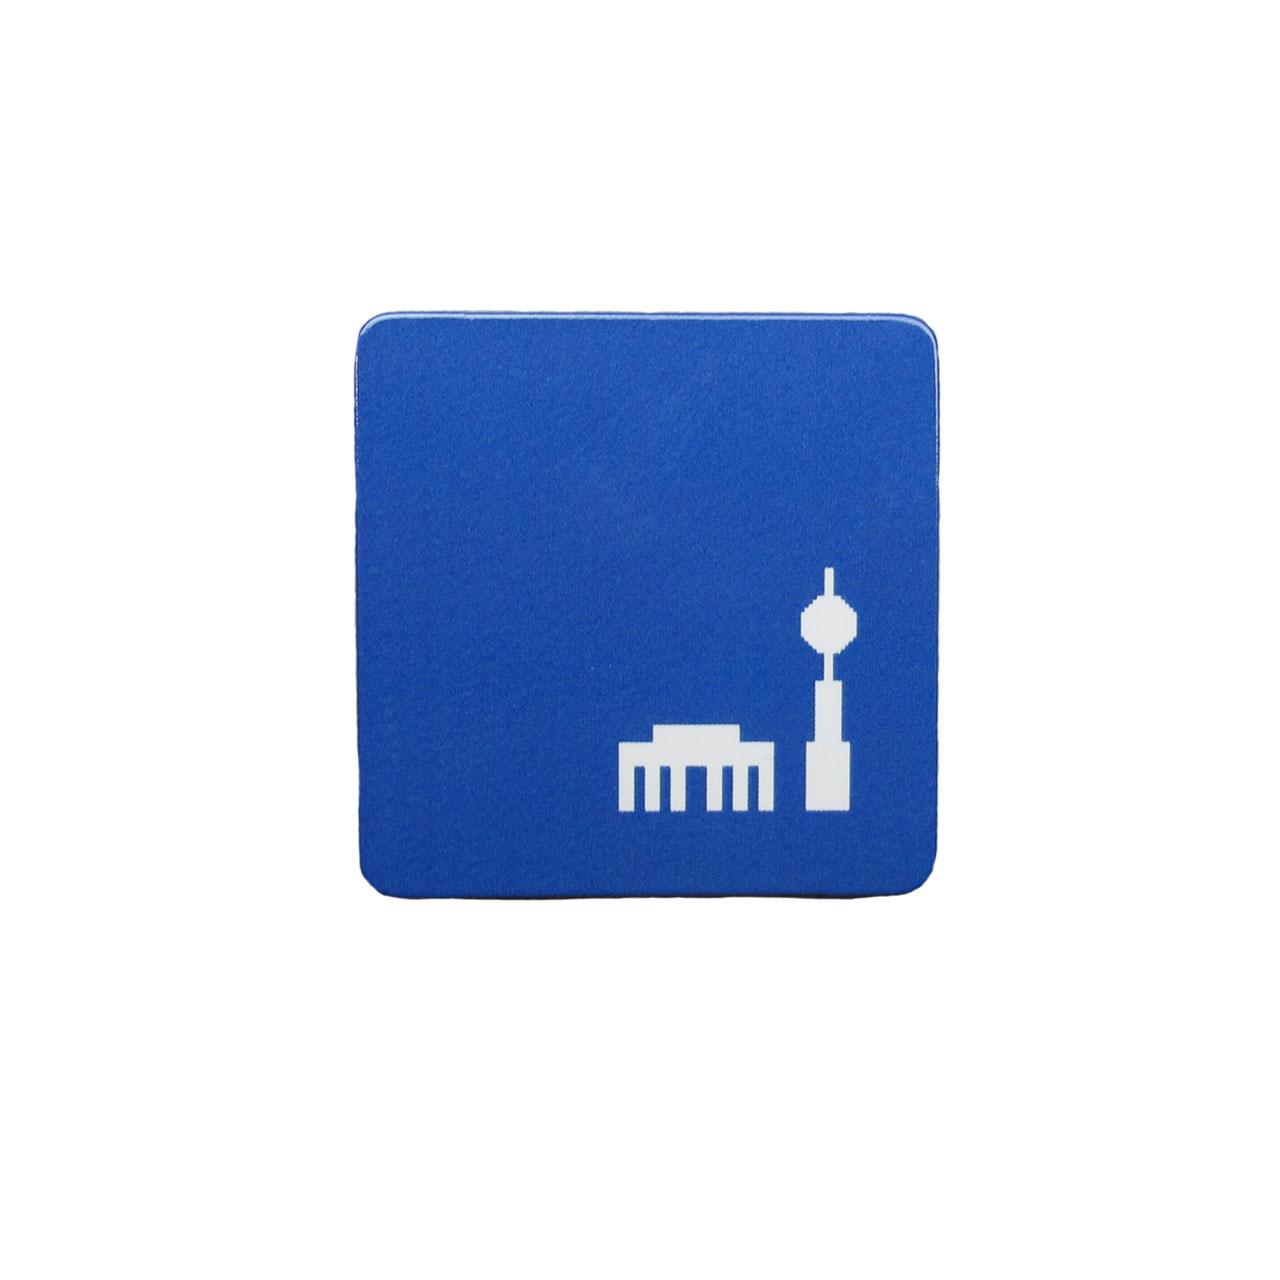 Berlinmagnet Tor + Turm blau